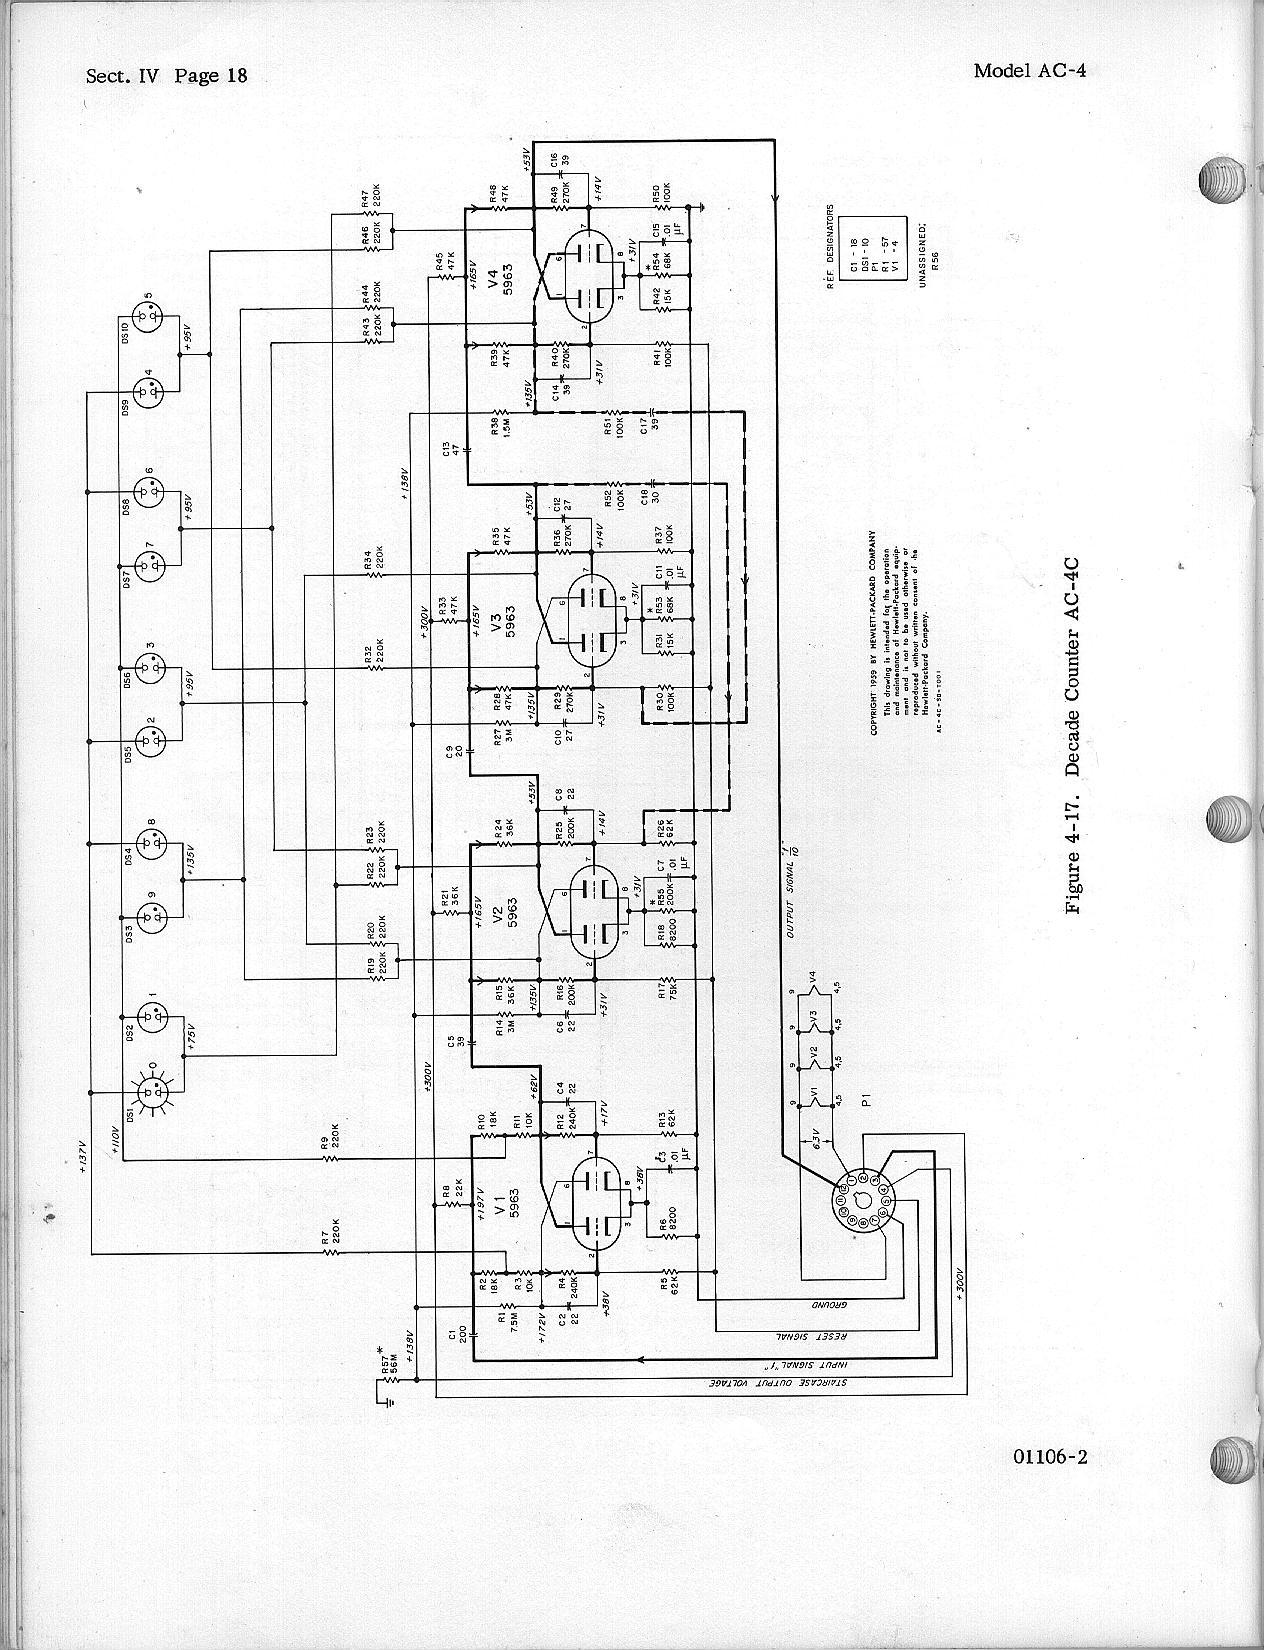 Hewlett Packard Decade Counters Ac 4